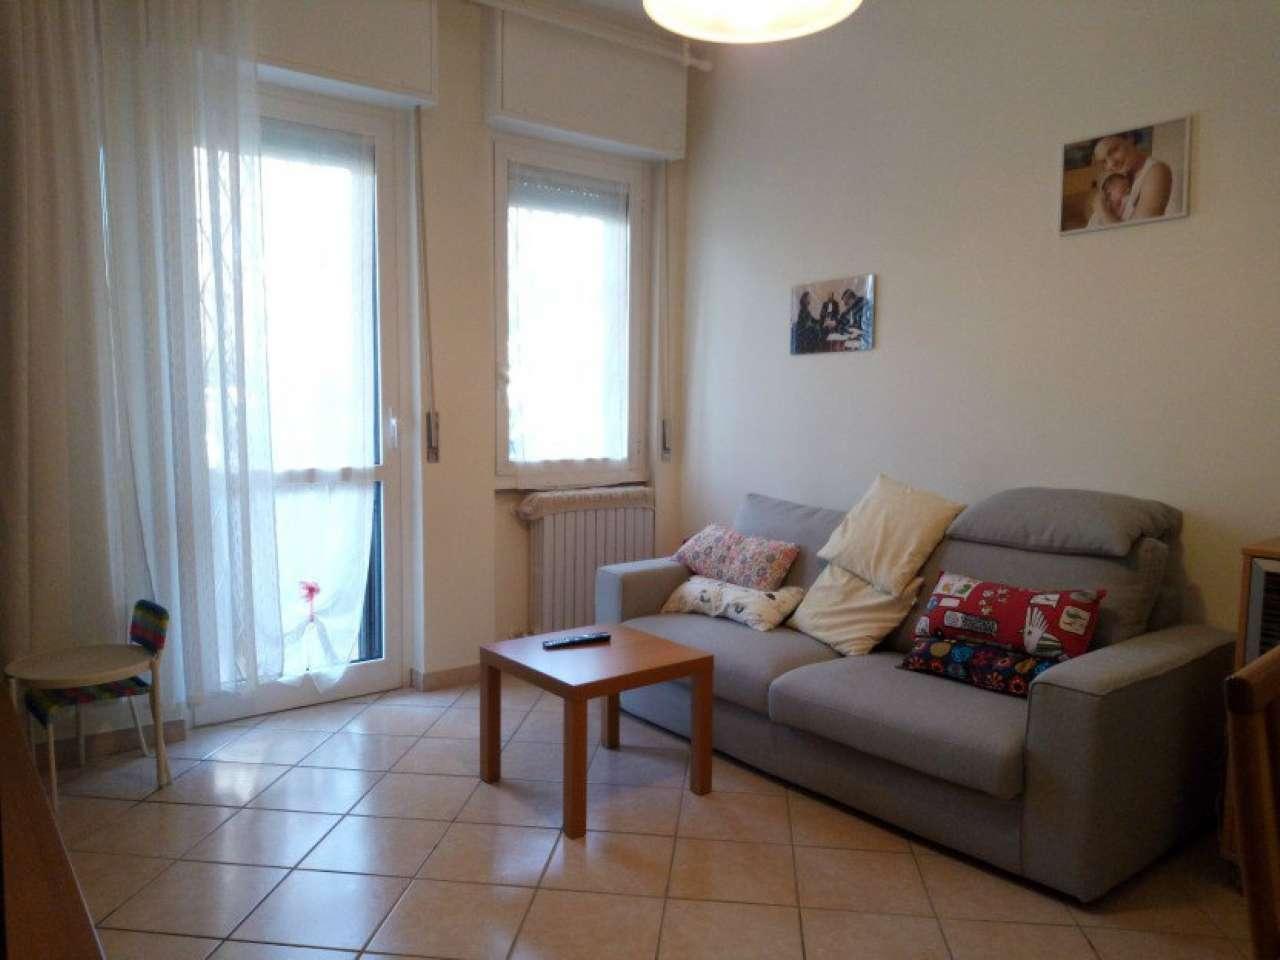 Appartamento in vendita a Garbagnate Milanese, 2 locali, prezzo € 127.000 | Cambio Casa.it